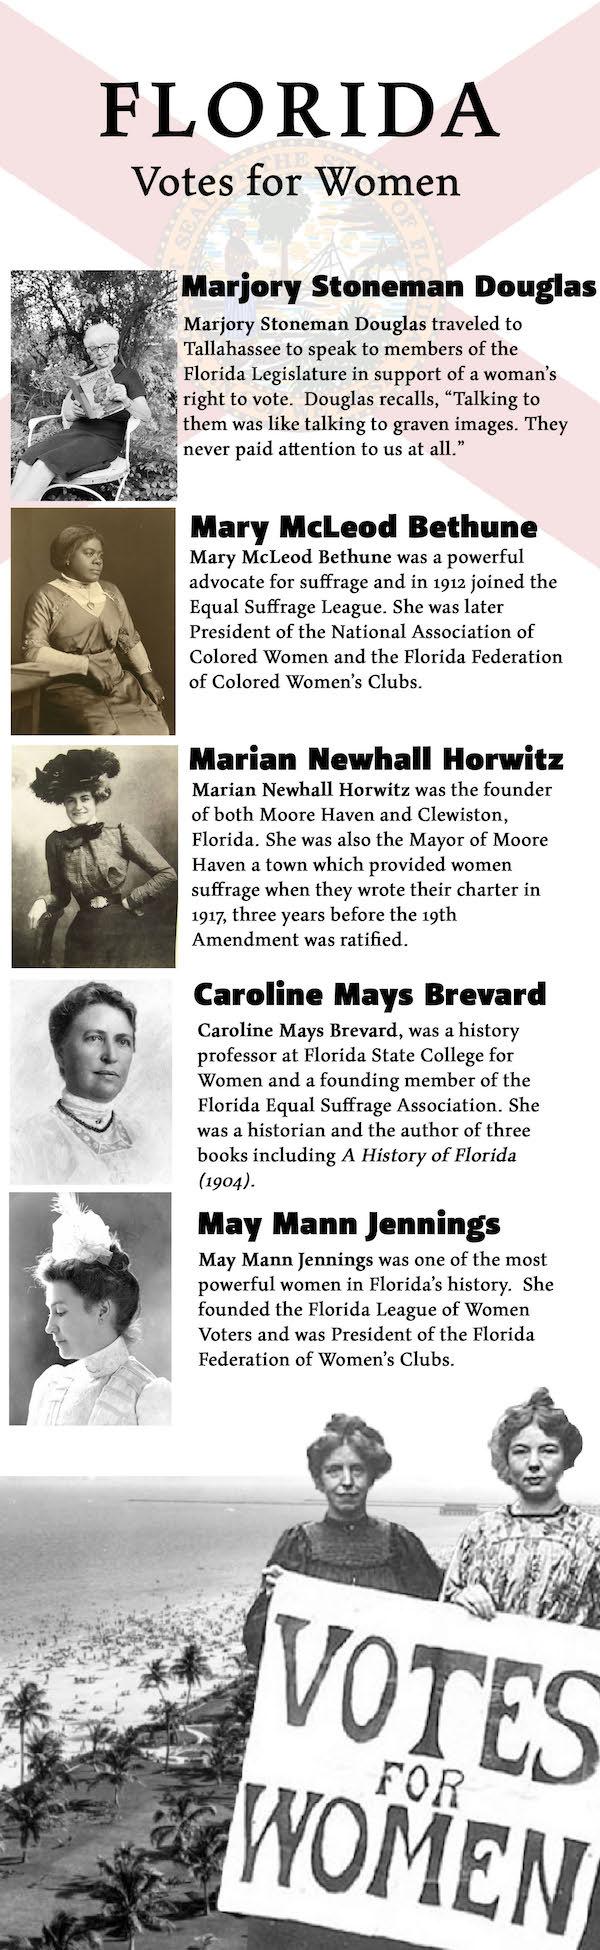 Florida Votes for Women